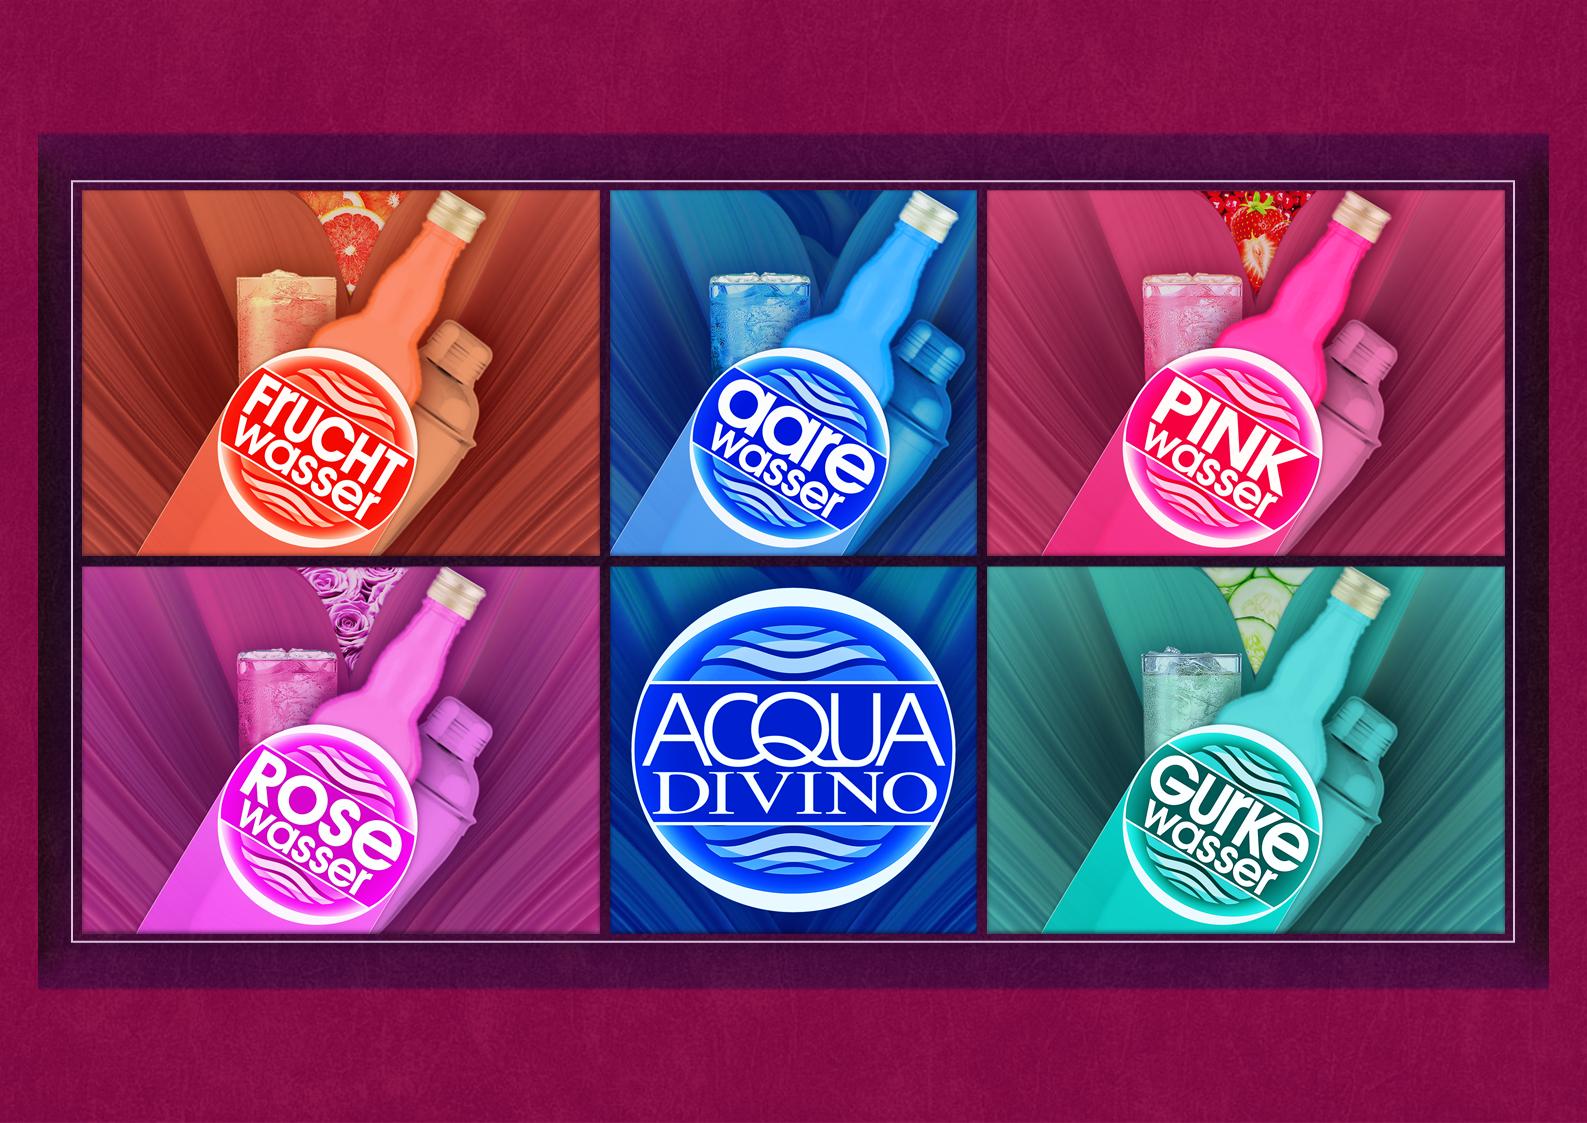 ACQUA DIVINO MACHT ALLES WIEDER BESSER im Take Away und Flaschen über Click & Collect